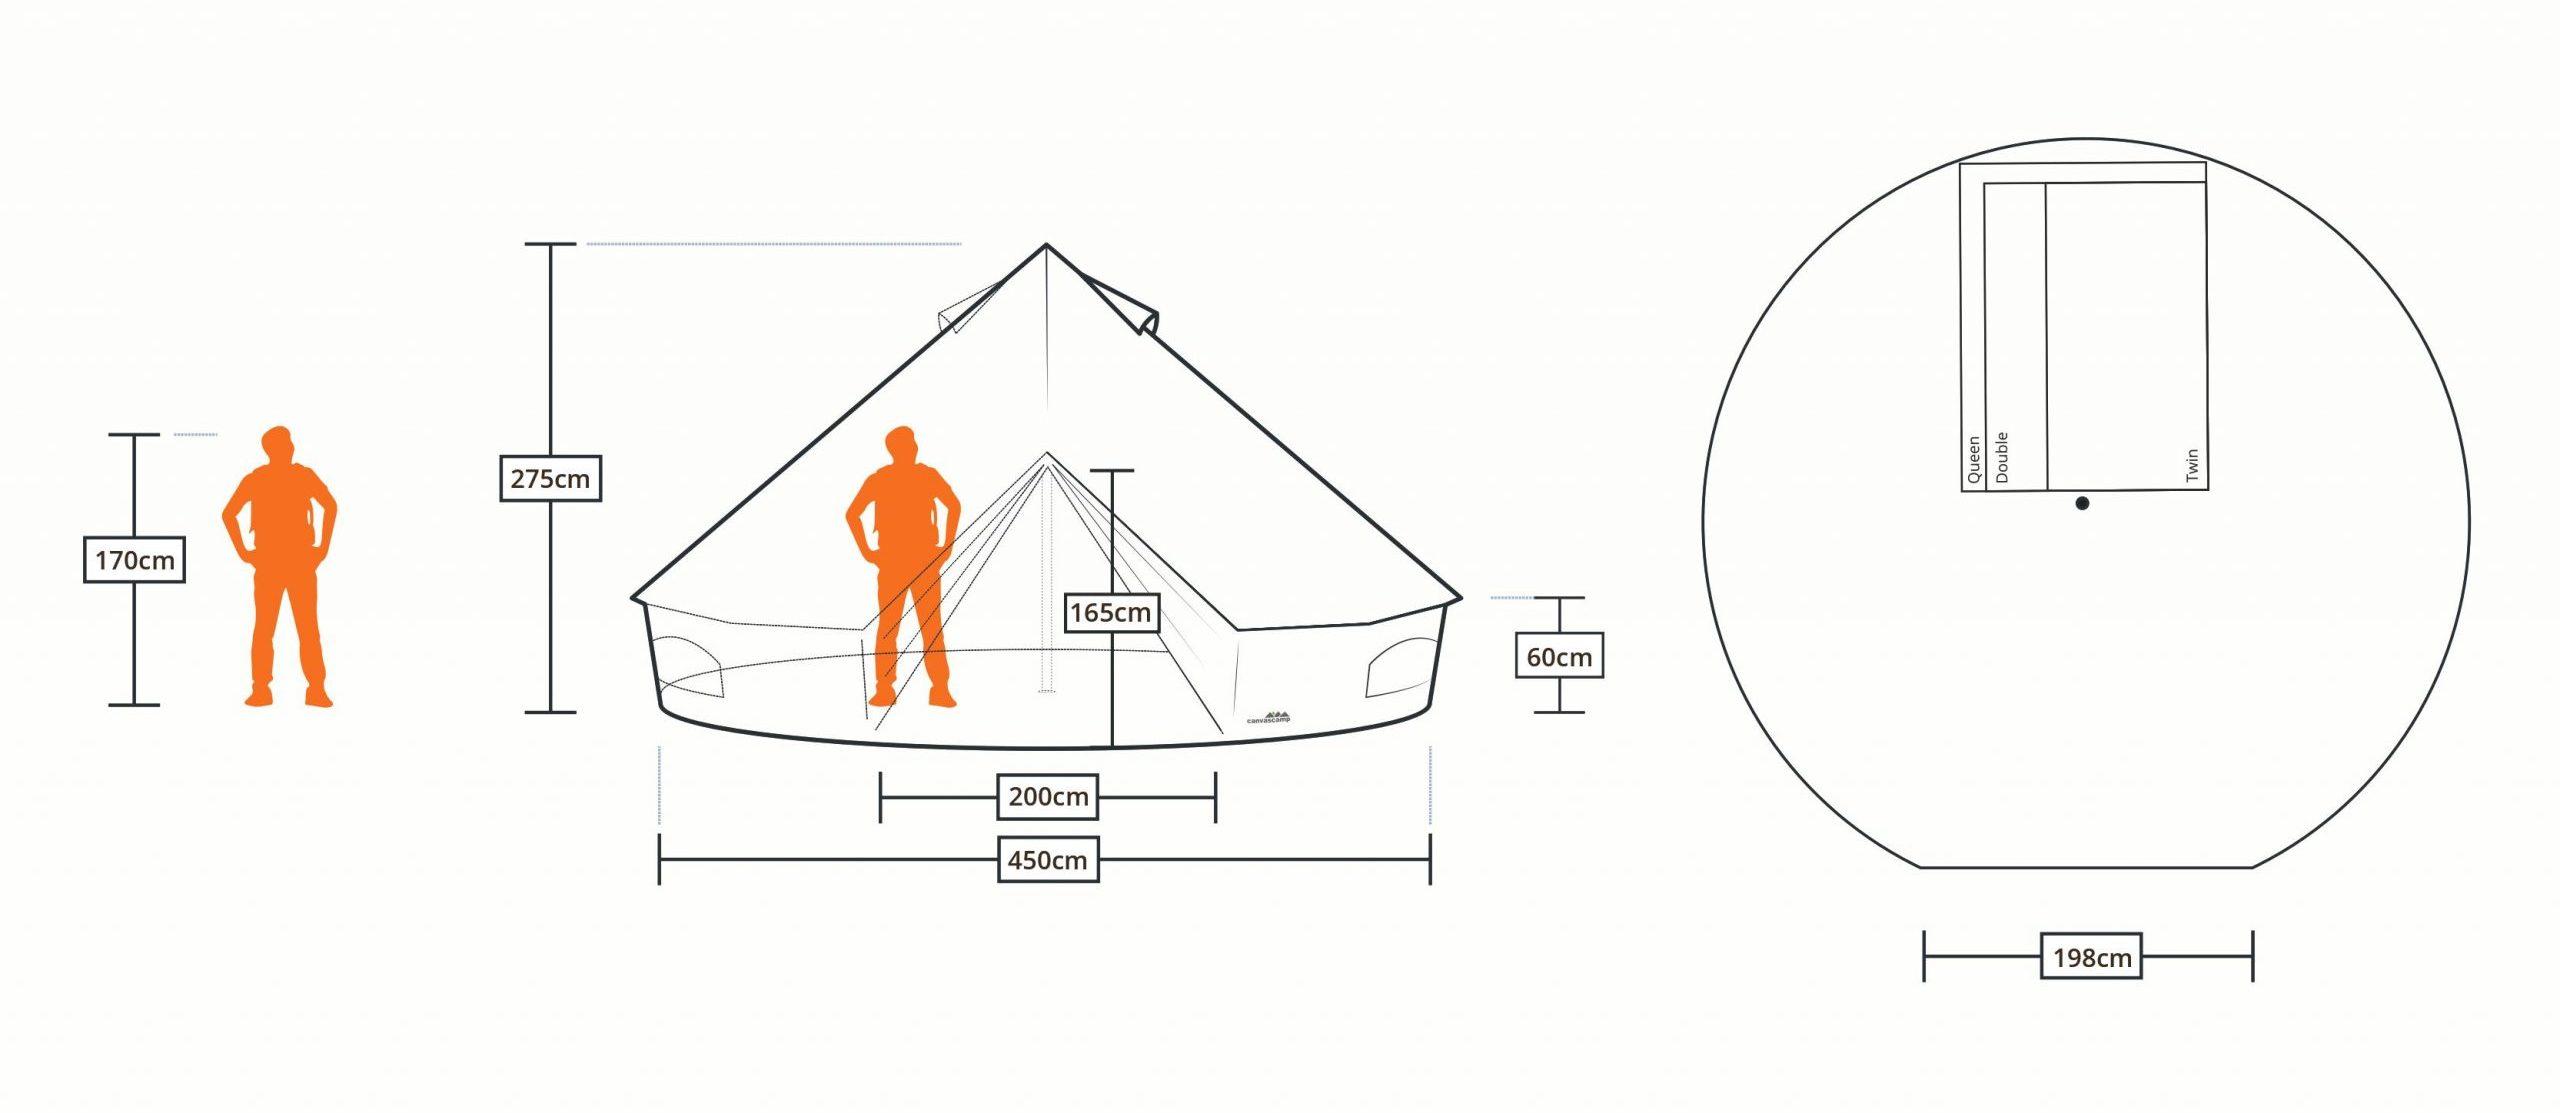 caractéristiques et dimensions métriques des tentes sibley 450